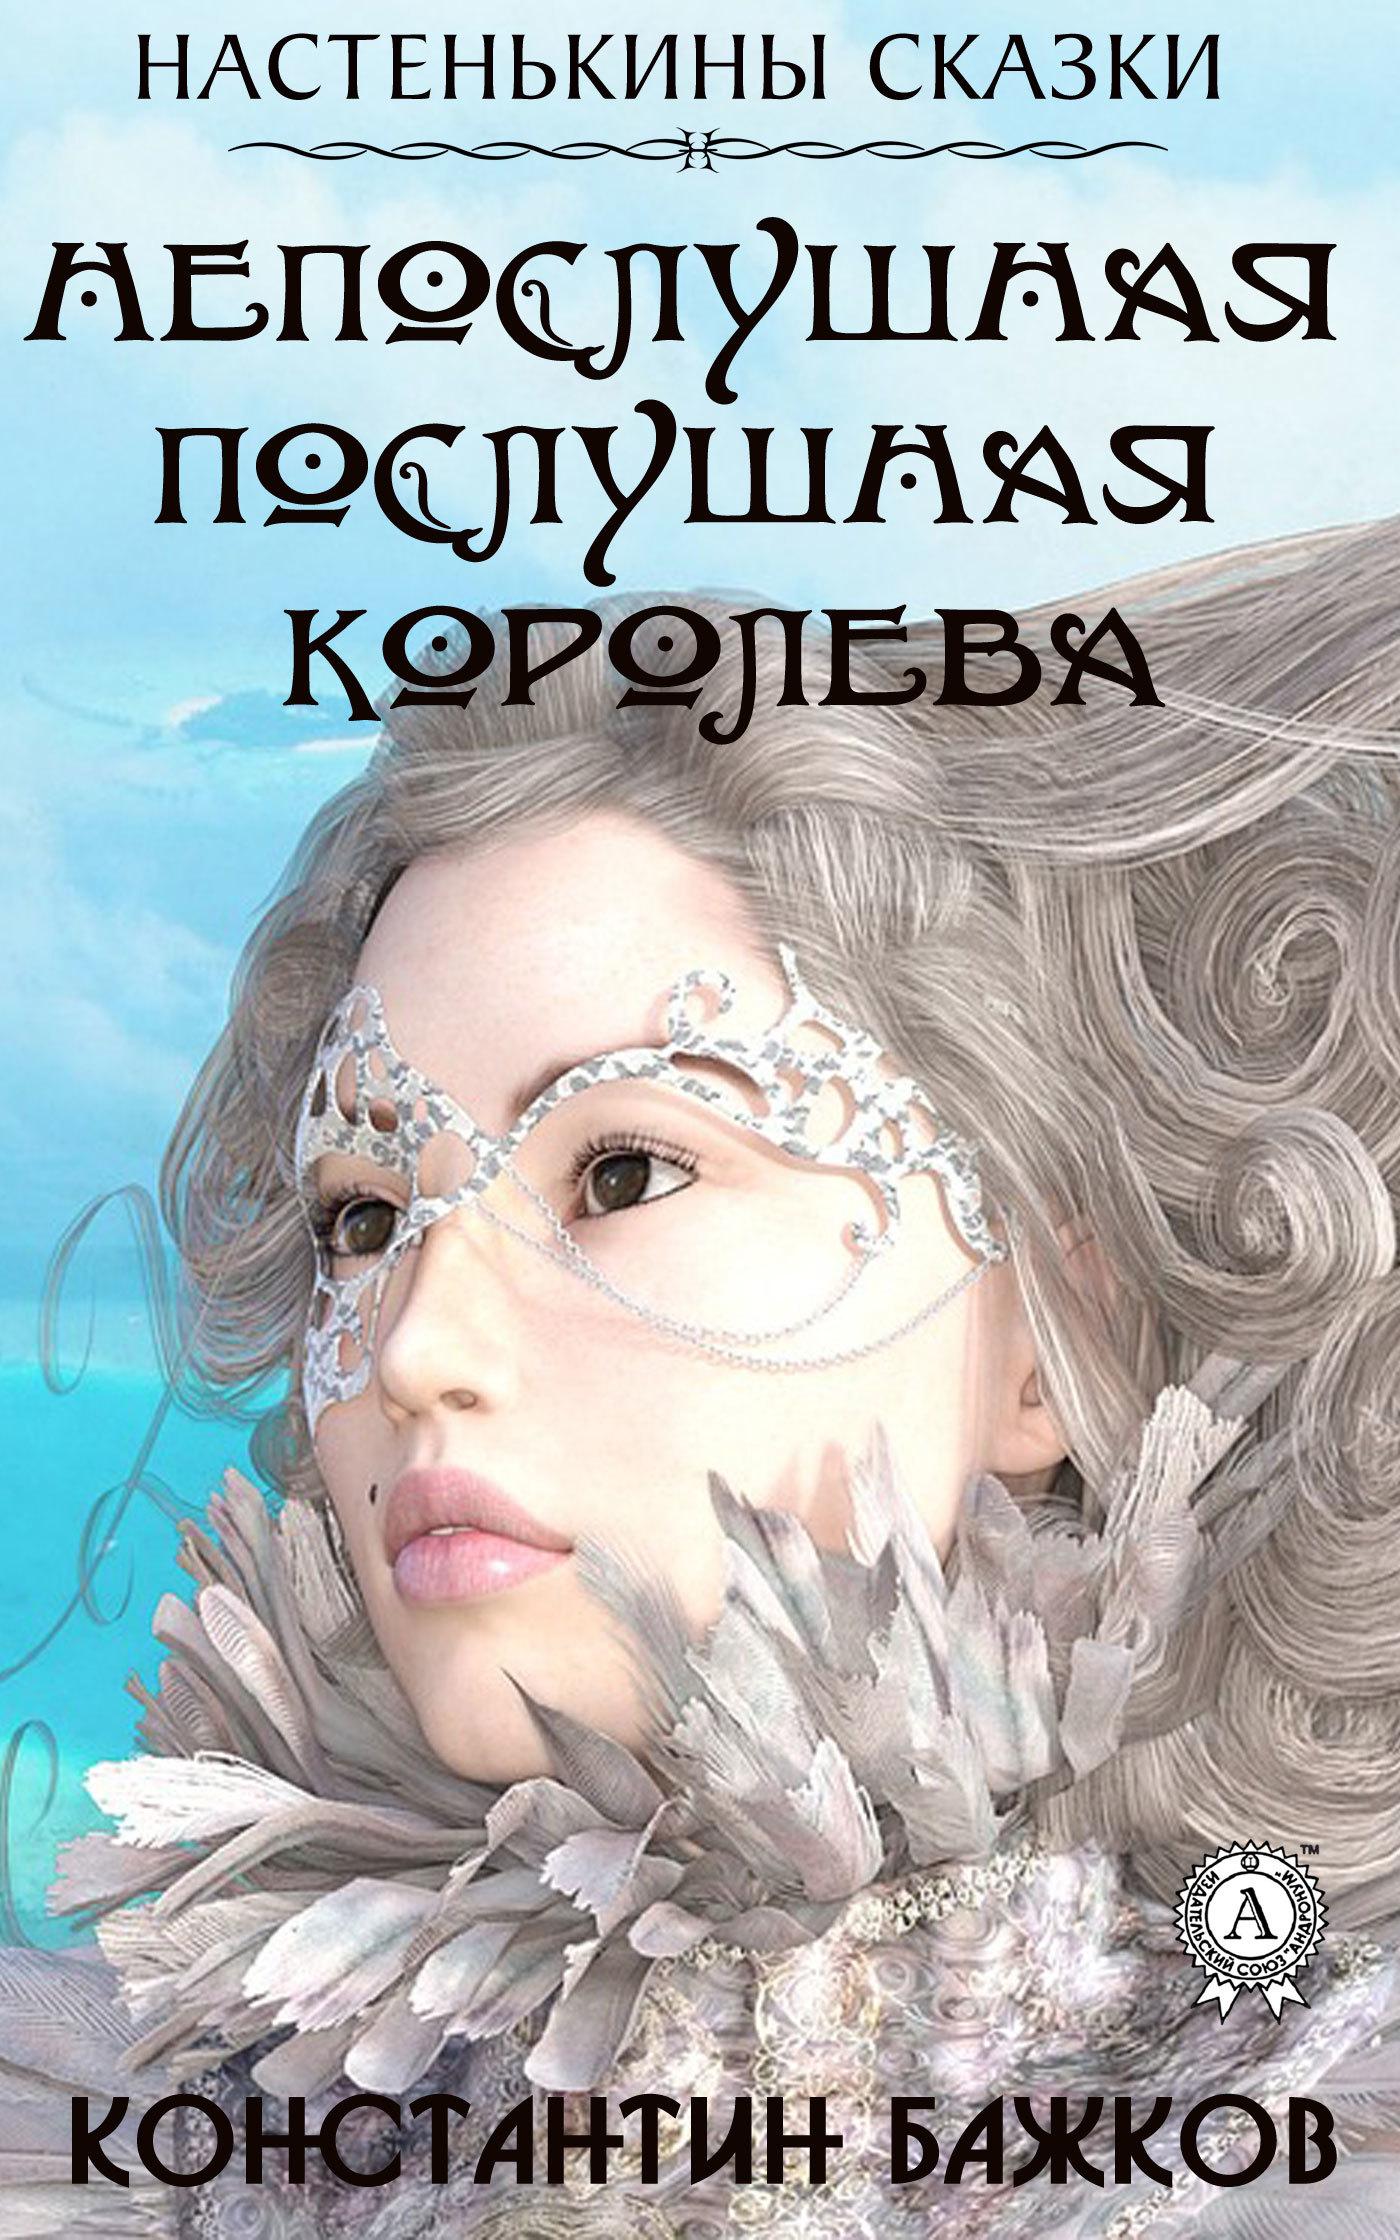 Купить книгу Непослушная послушная Королева. Настенькины сказки, автора Константина Бажкова